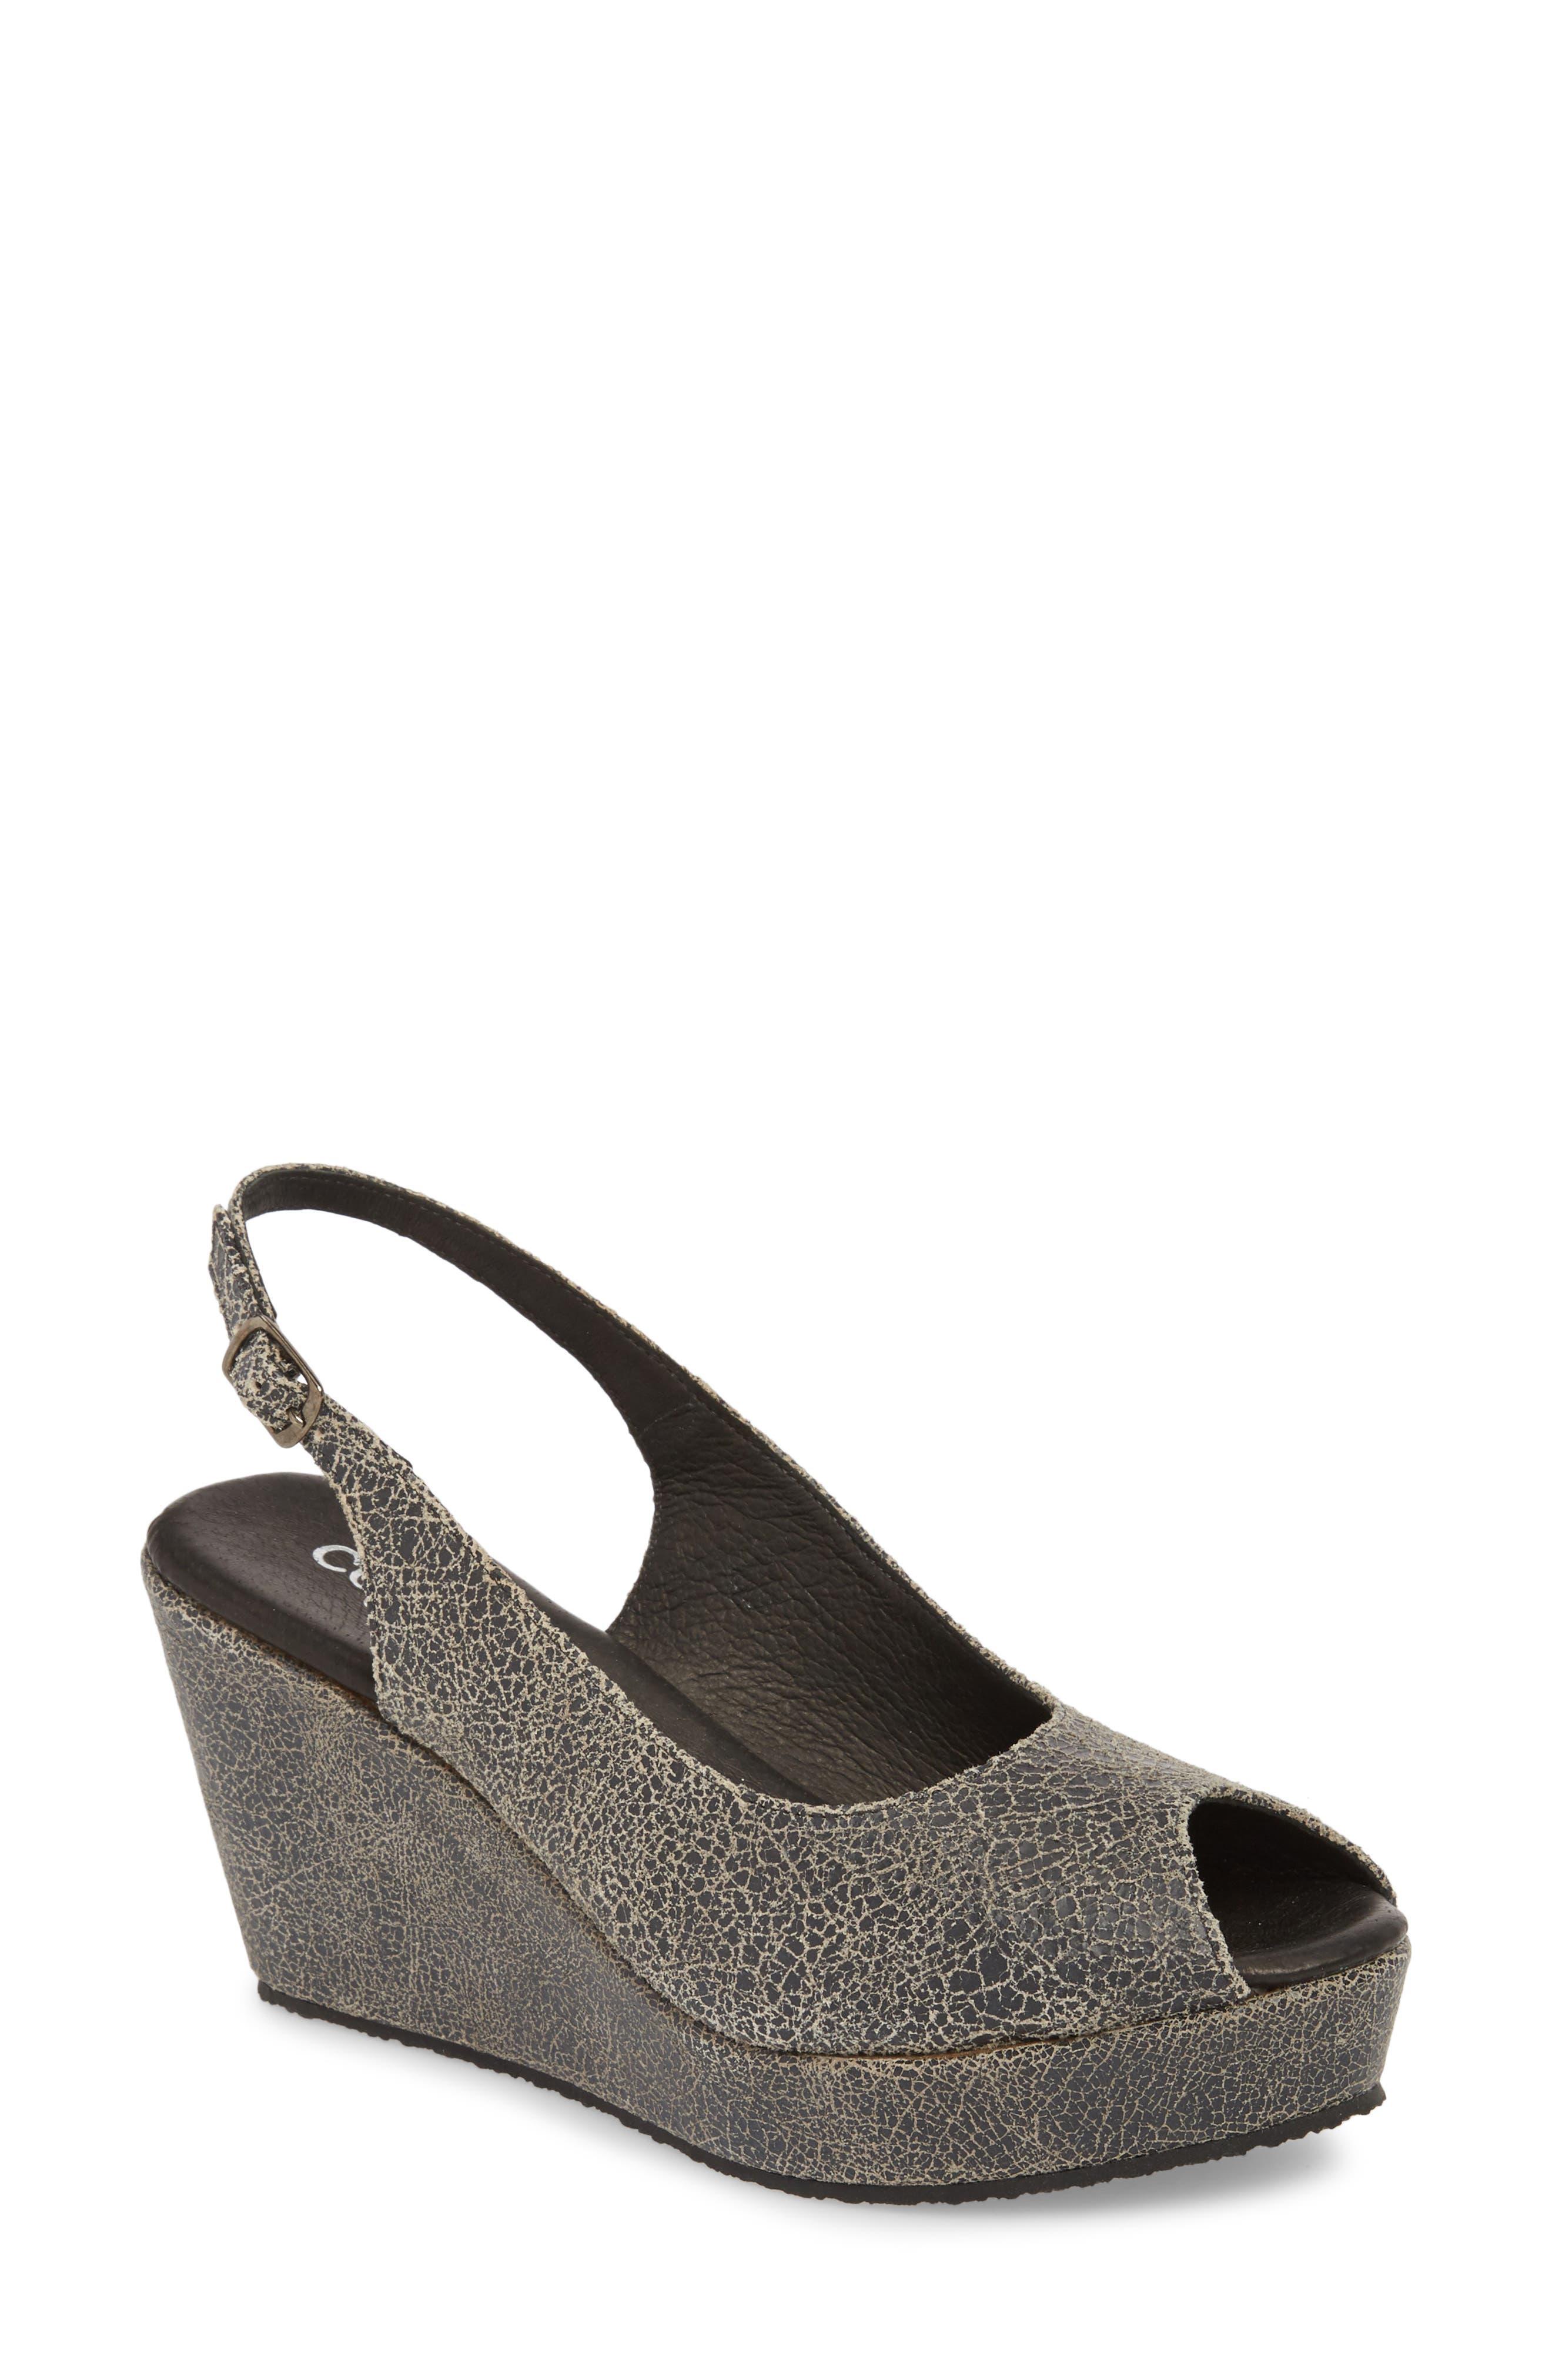 Fabrice Slingback Platform Sandal,                         Main,                         color, Grey Crackle Leather